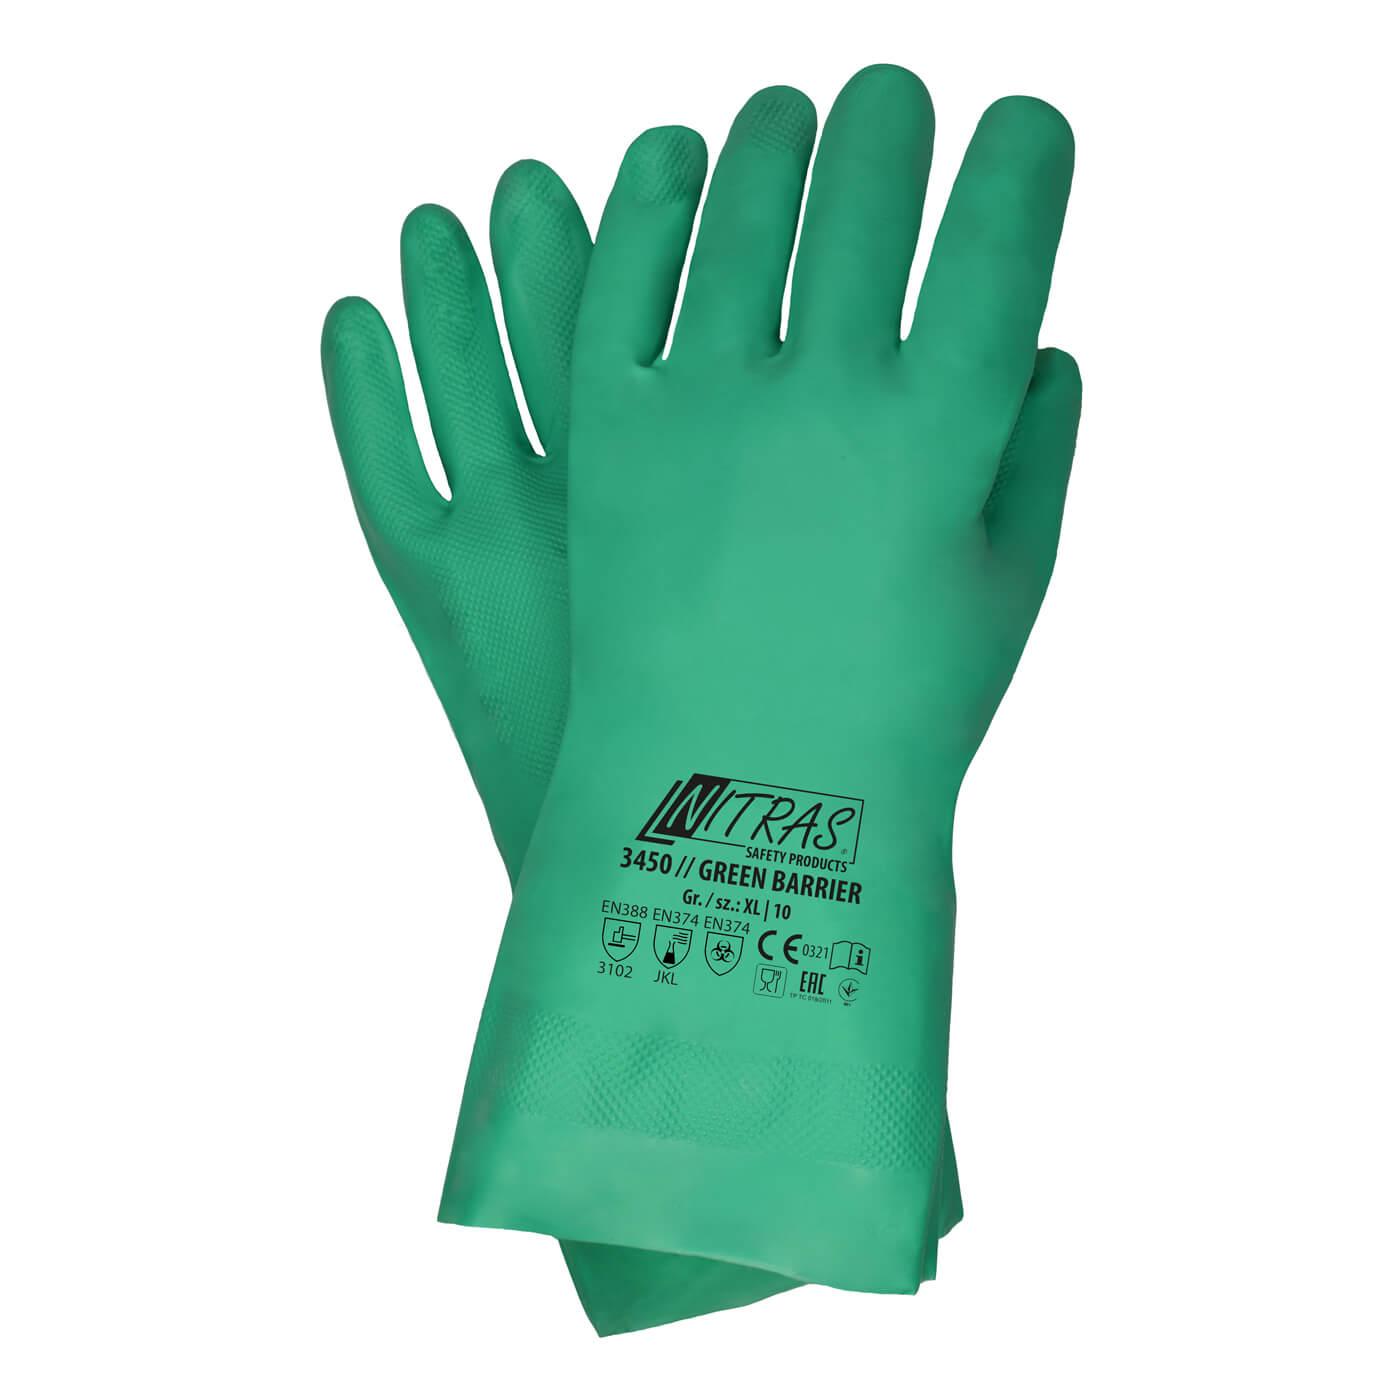 Rękawice chemiczne Nitras 3450/ GREEN BARRIER